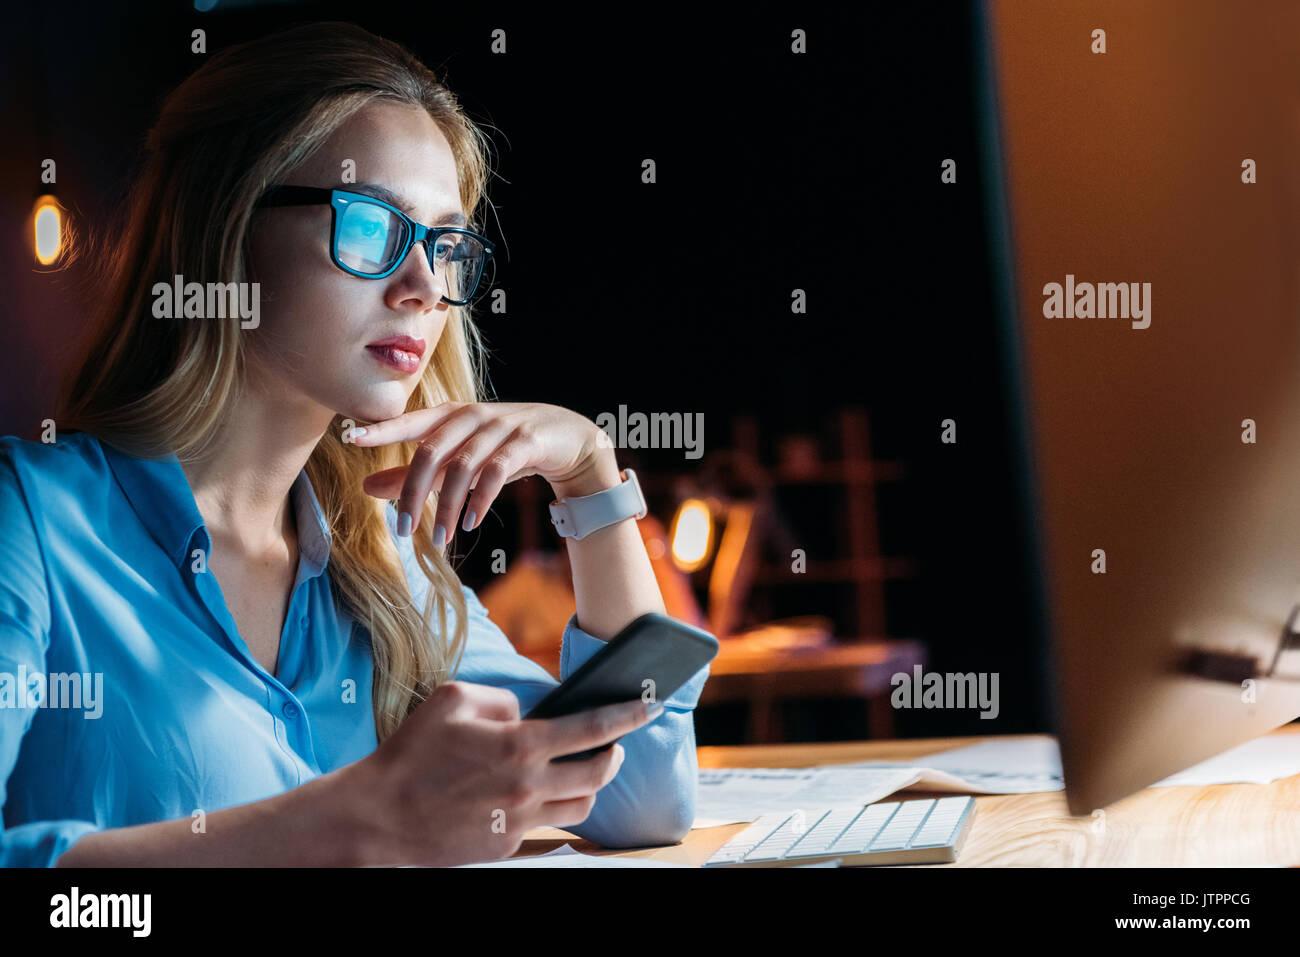 Ritratto di imprenditrice utilizza lo smartphone mentre si lavora fino a tardi in ufficio Immagini Stock